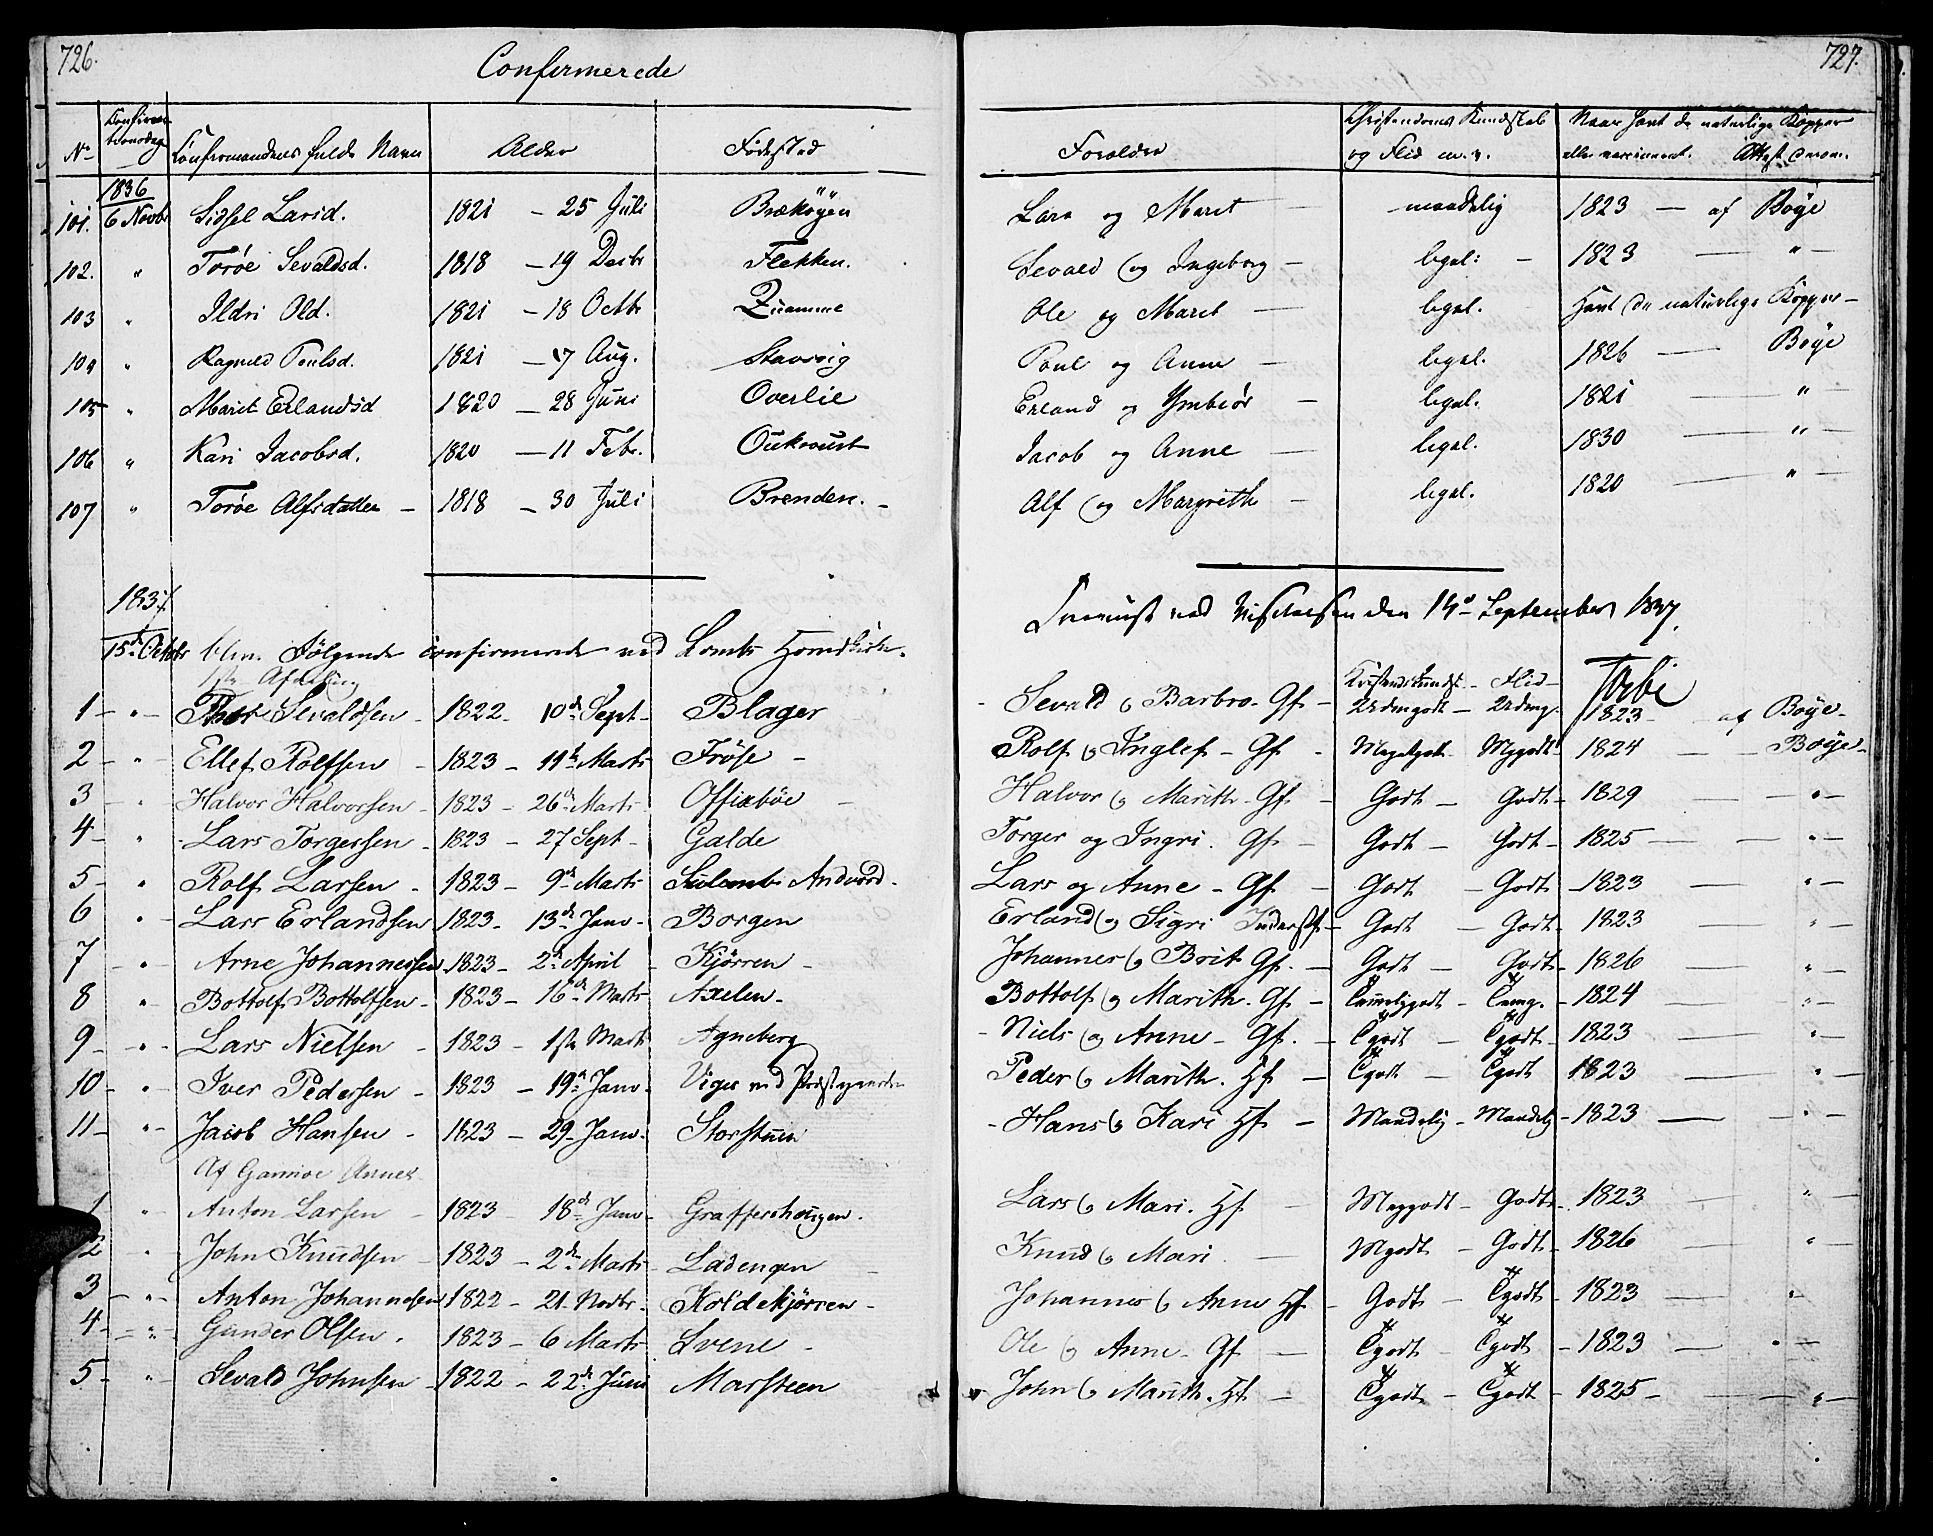 SAH, Lom prestekontor, K/L0005: Ministerialbok nr. 5, 1825-1837, s. 726-727